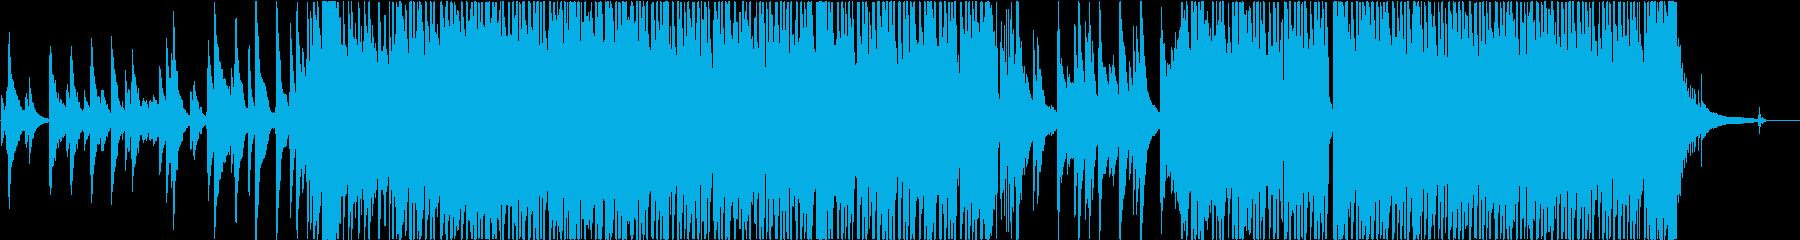 疾走感のあるジャズ+ドラムンベースの再生済みの波形